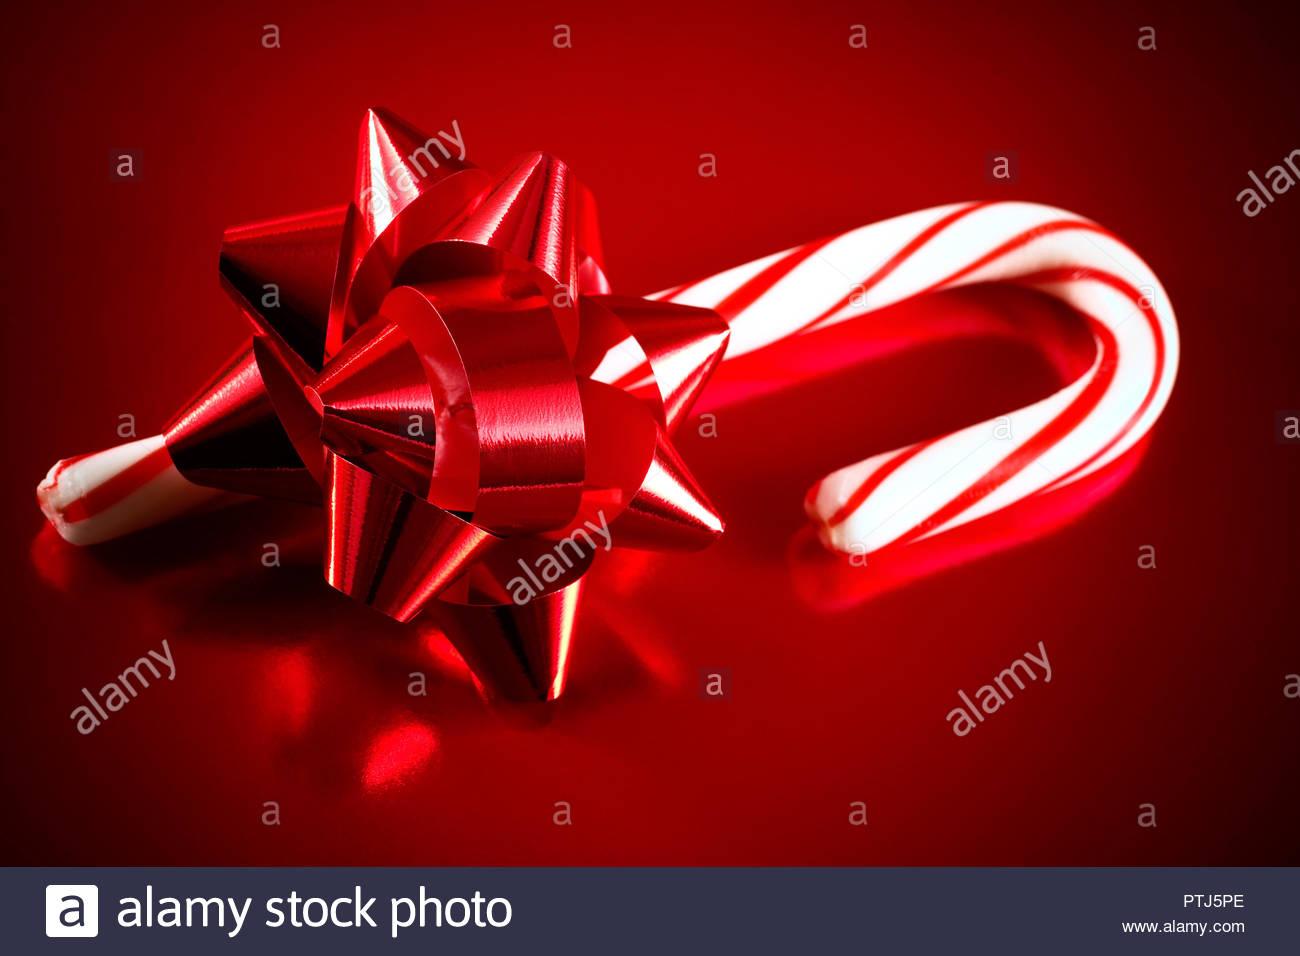 Weihnachtsbilder Suchen.Rote Folie Bogen Und Candy Cane Auf Rotem Grund Für Themen